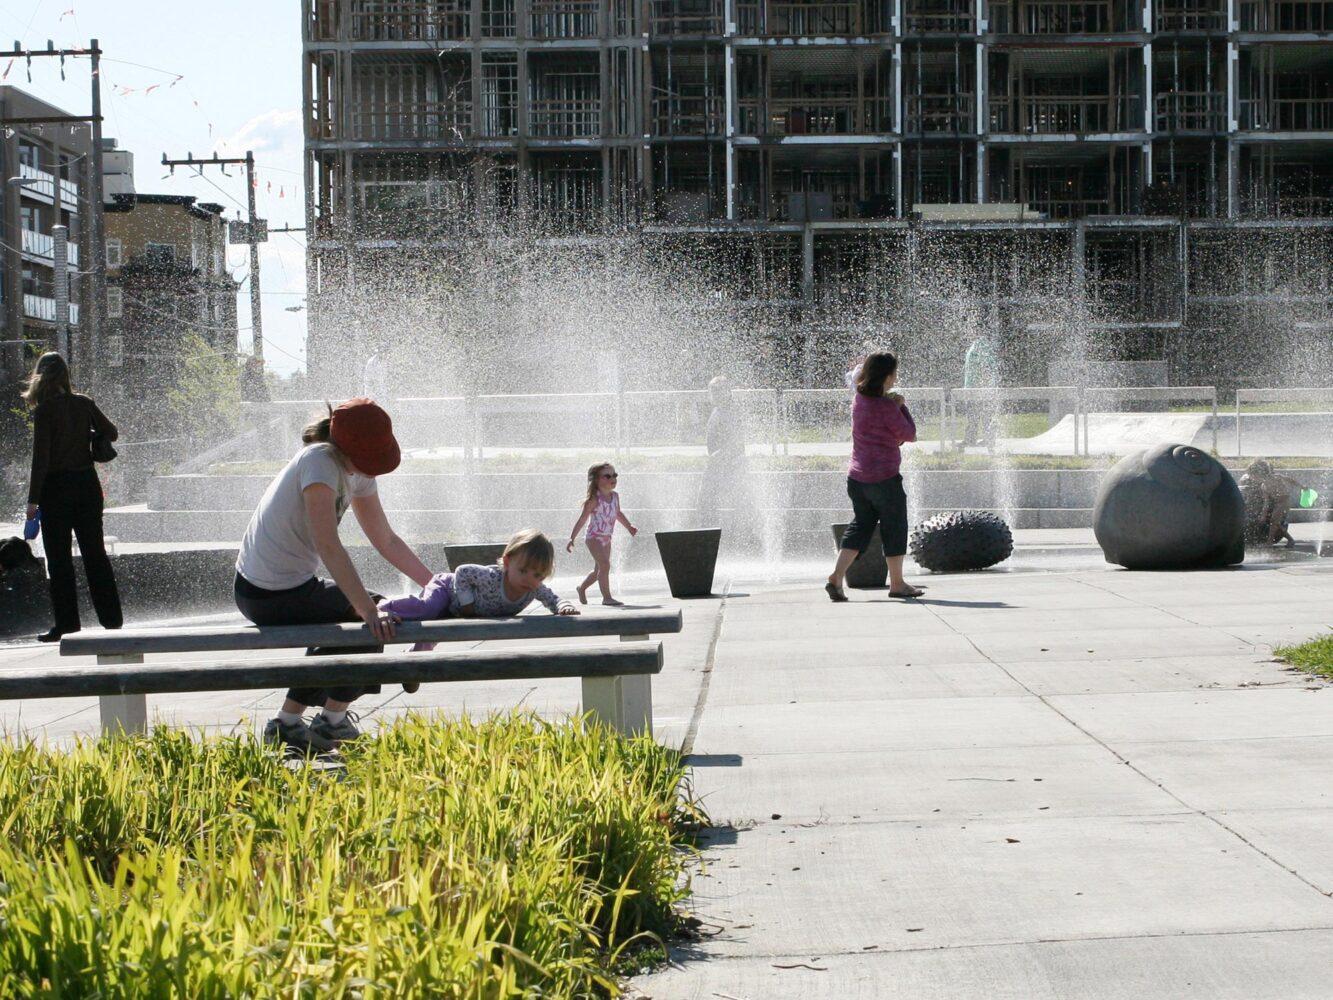 02_Ballard-Park-plaza-03